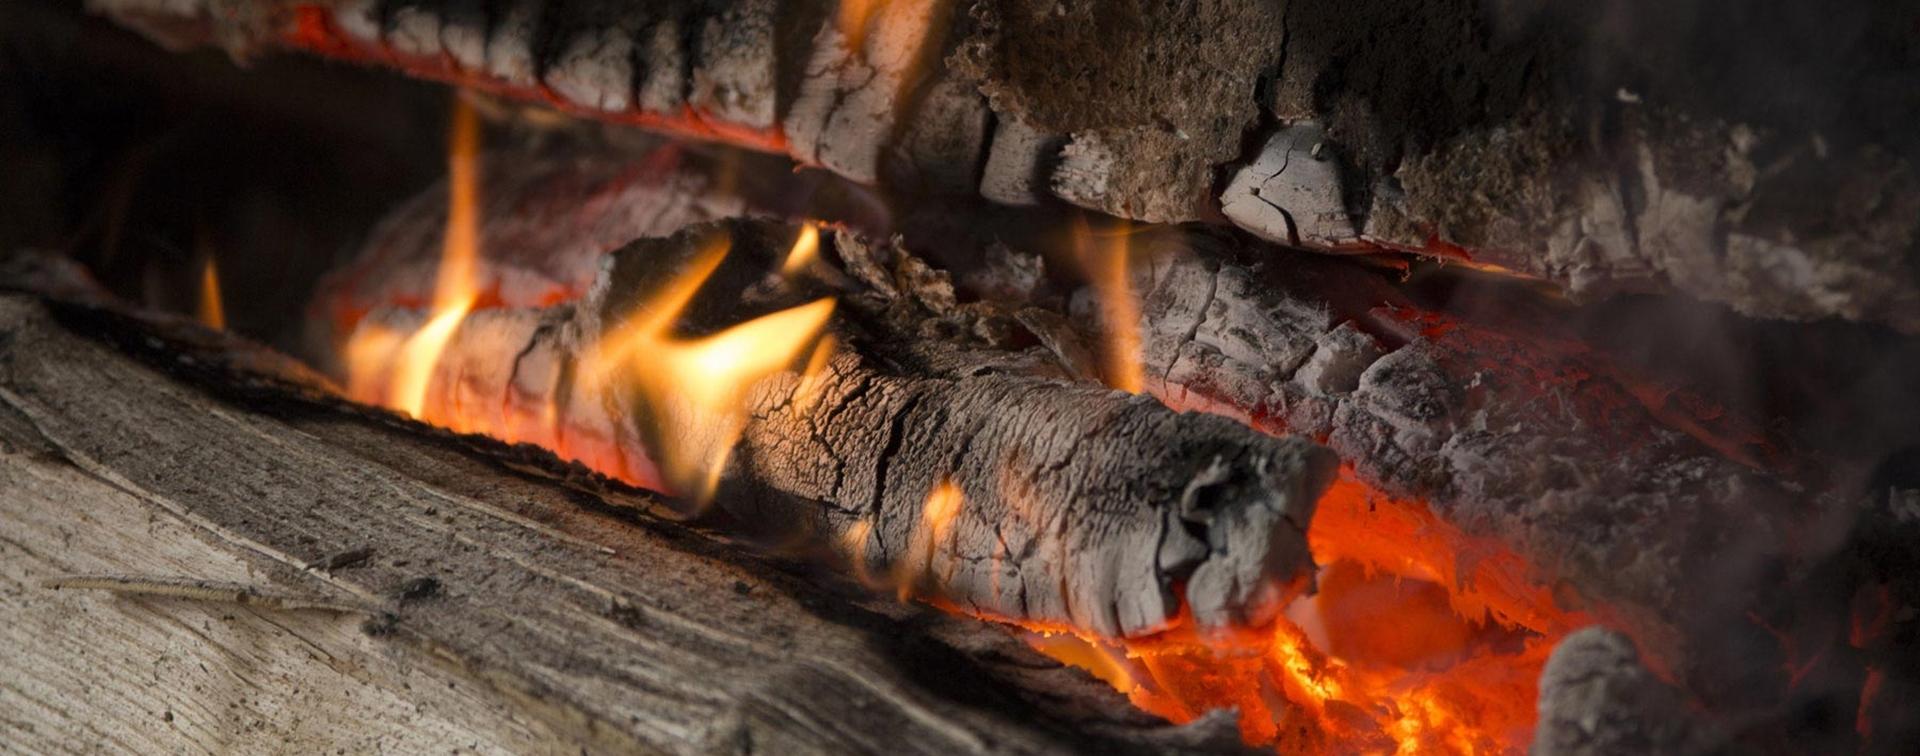 Foto Di Un Camino Acceso la combustione della legna in stufe e caminetti